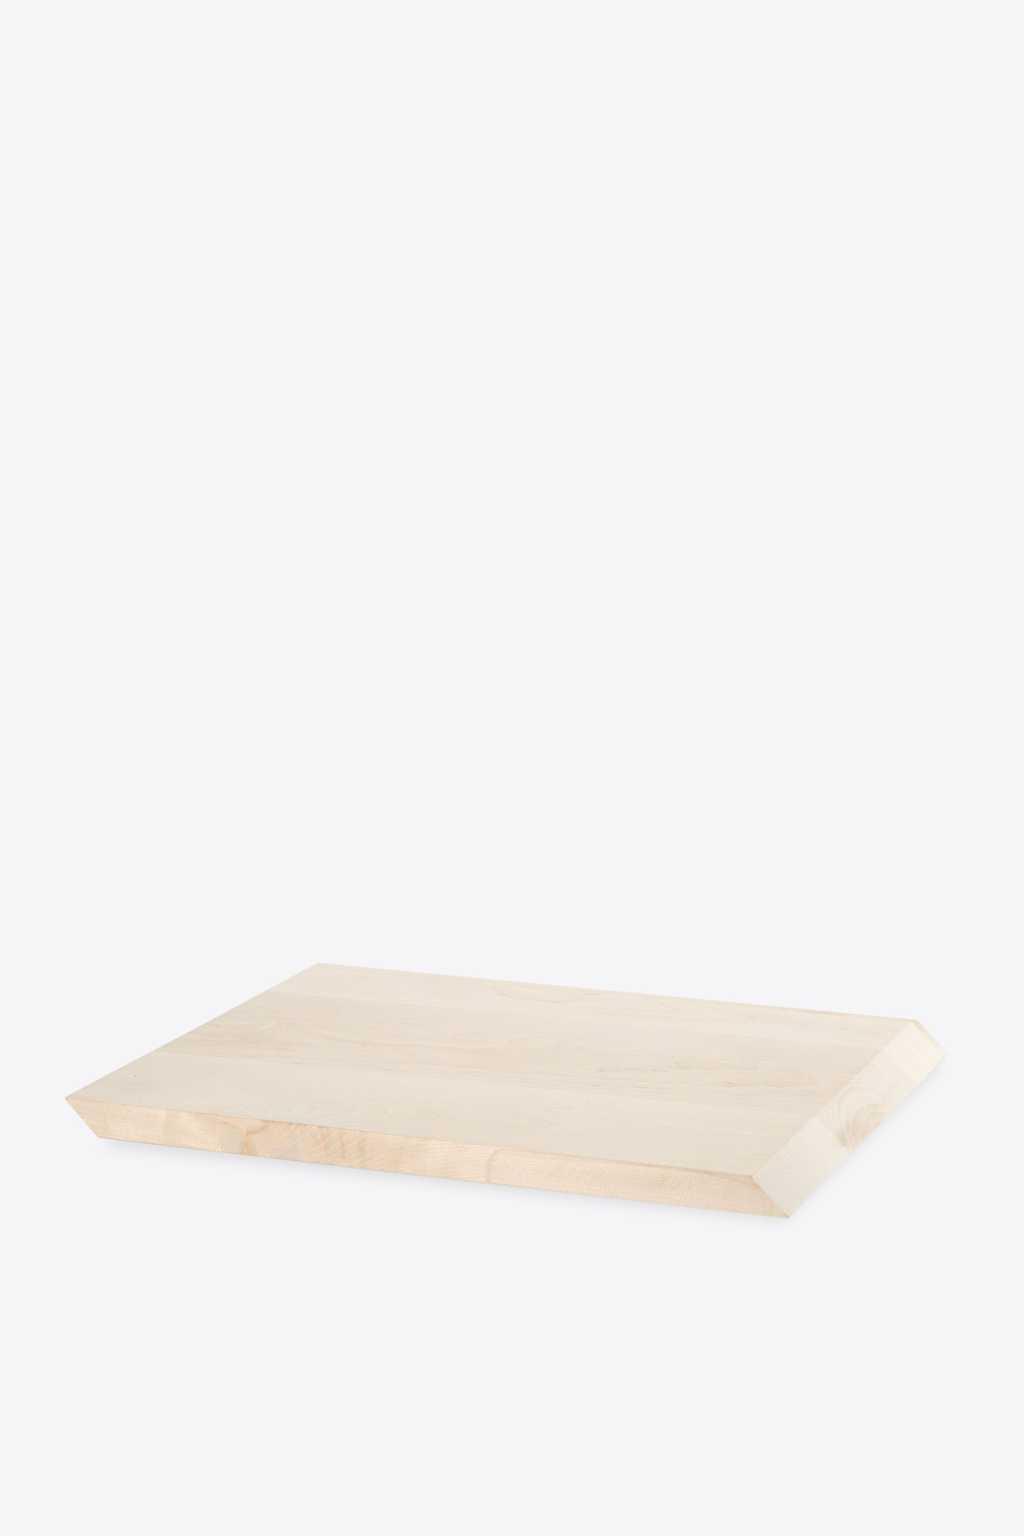 Large Cutting Board 1020 Brown 2